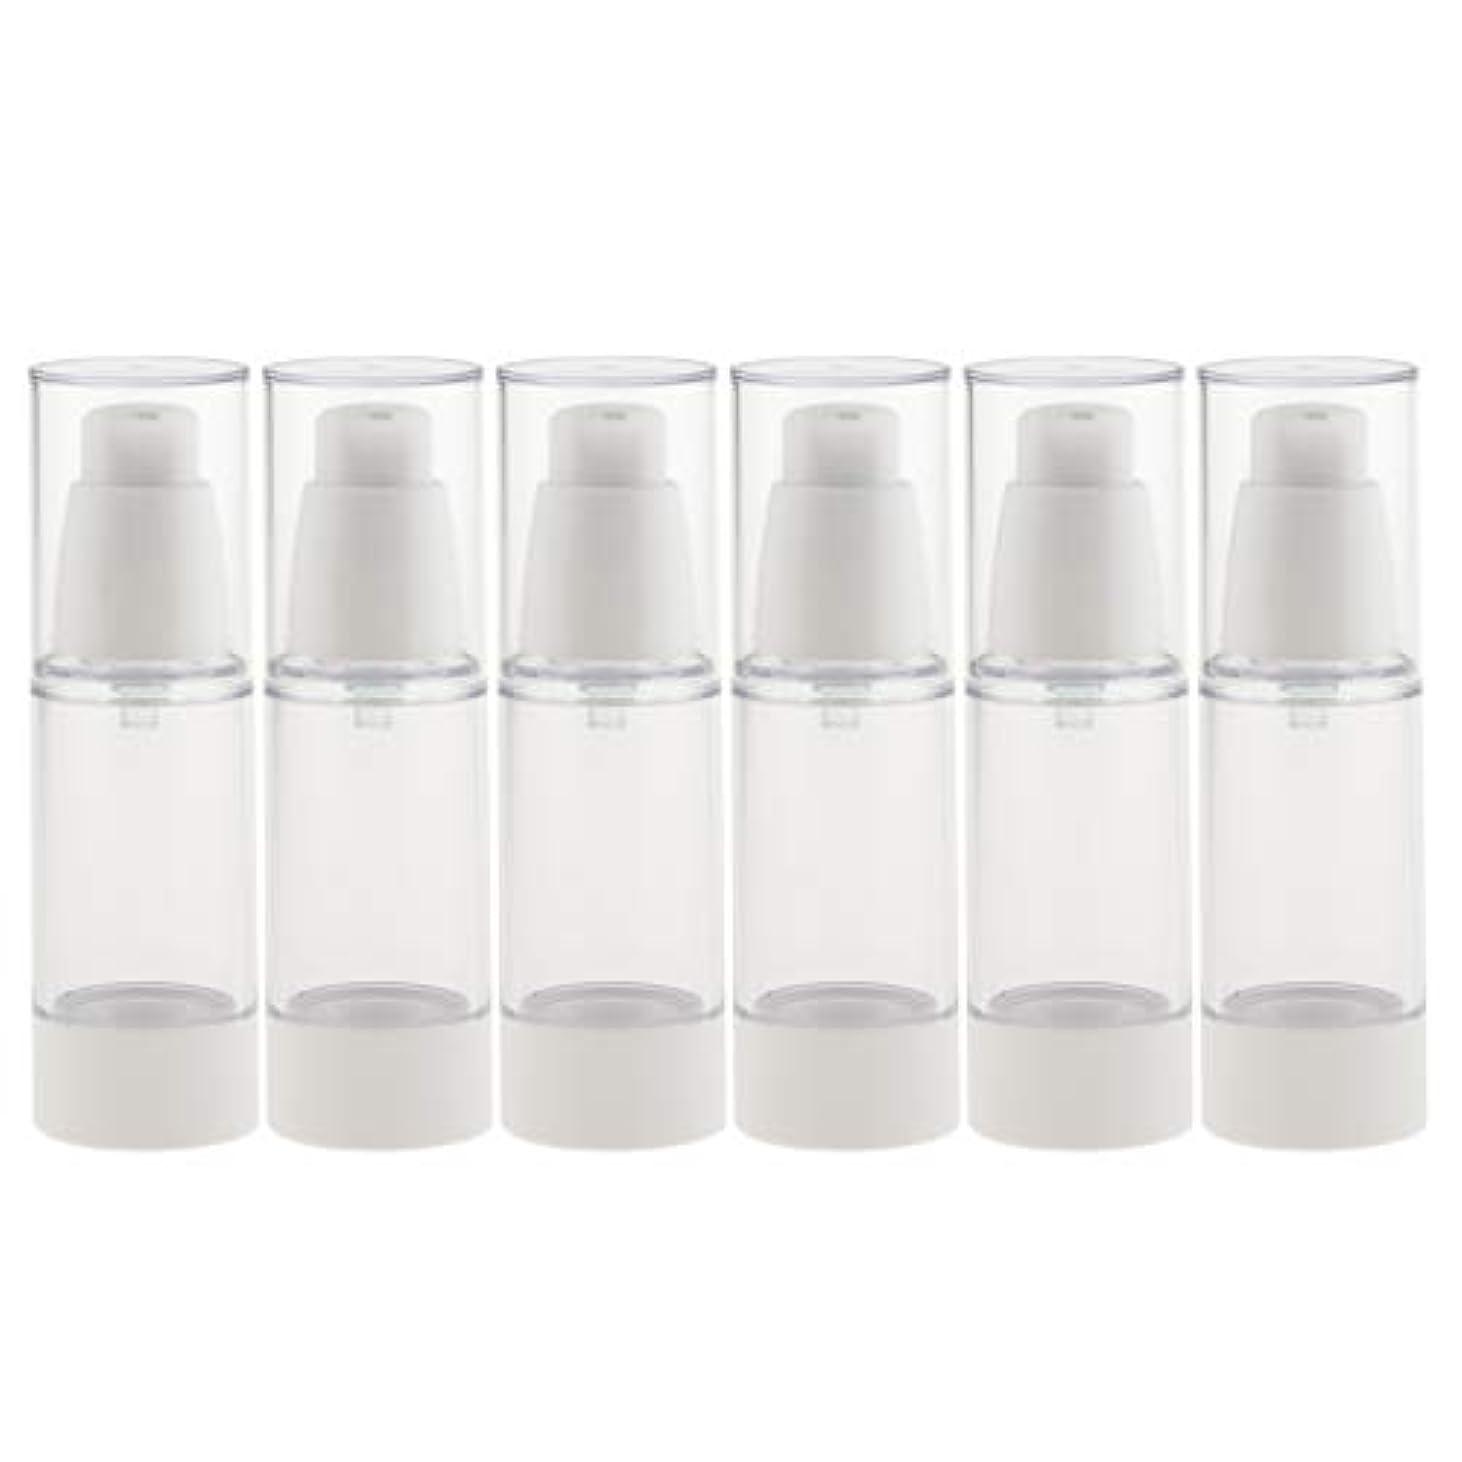 家主アルカイック遷移6個 真空スプレーボトル ミストボトル 真空ボトル コスメ 詰替え容器 旅行小物 便利 2サイズ選べ - 30ミリリットル